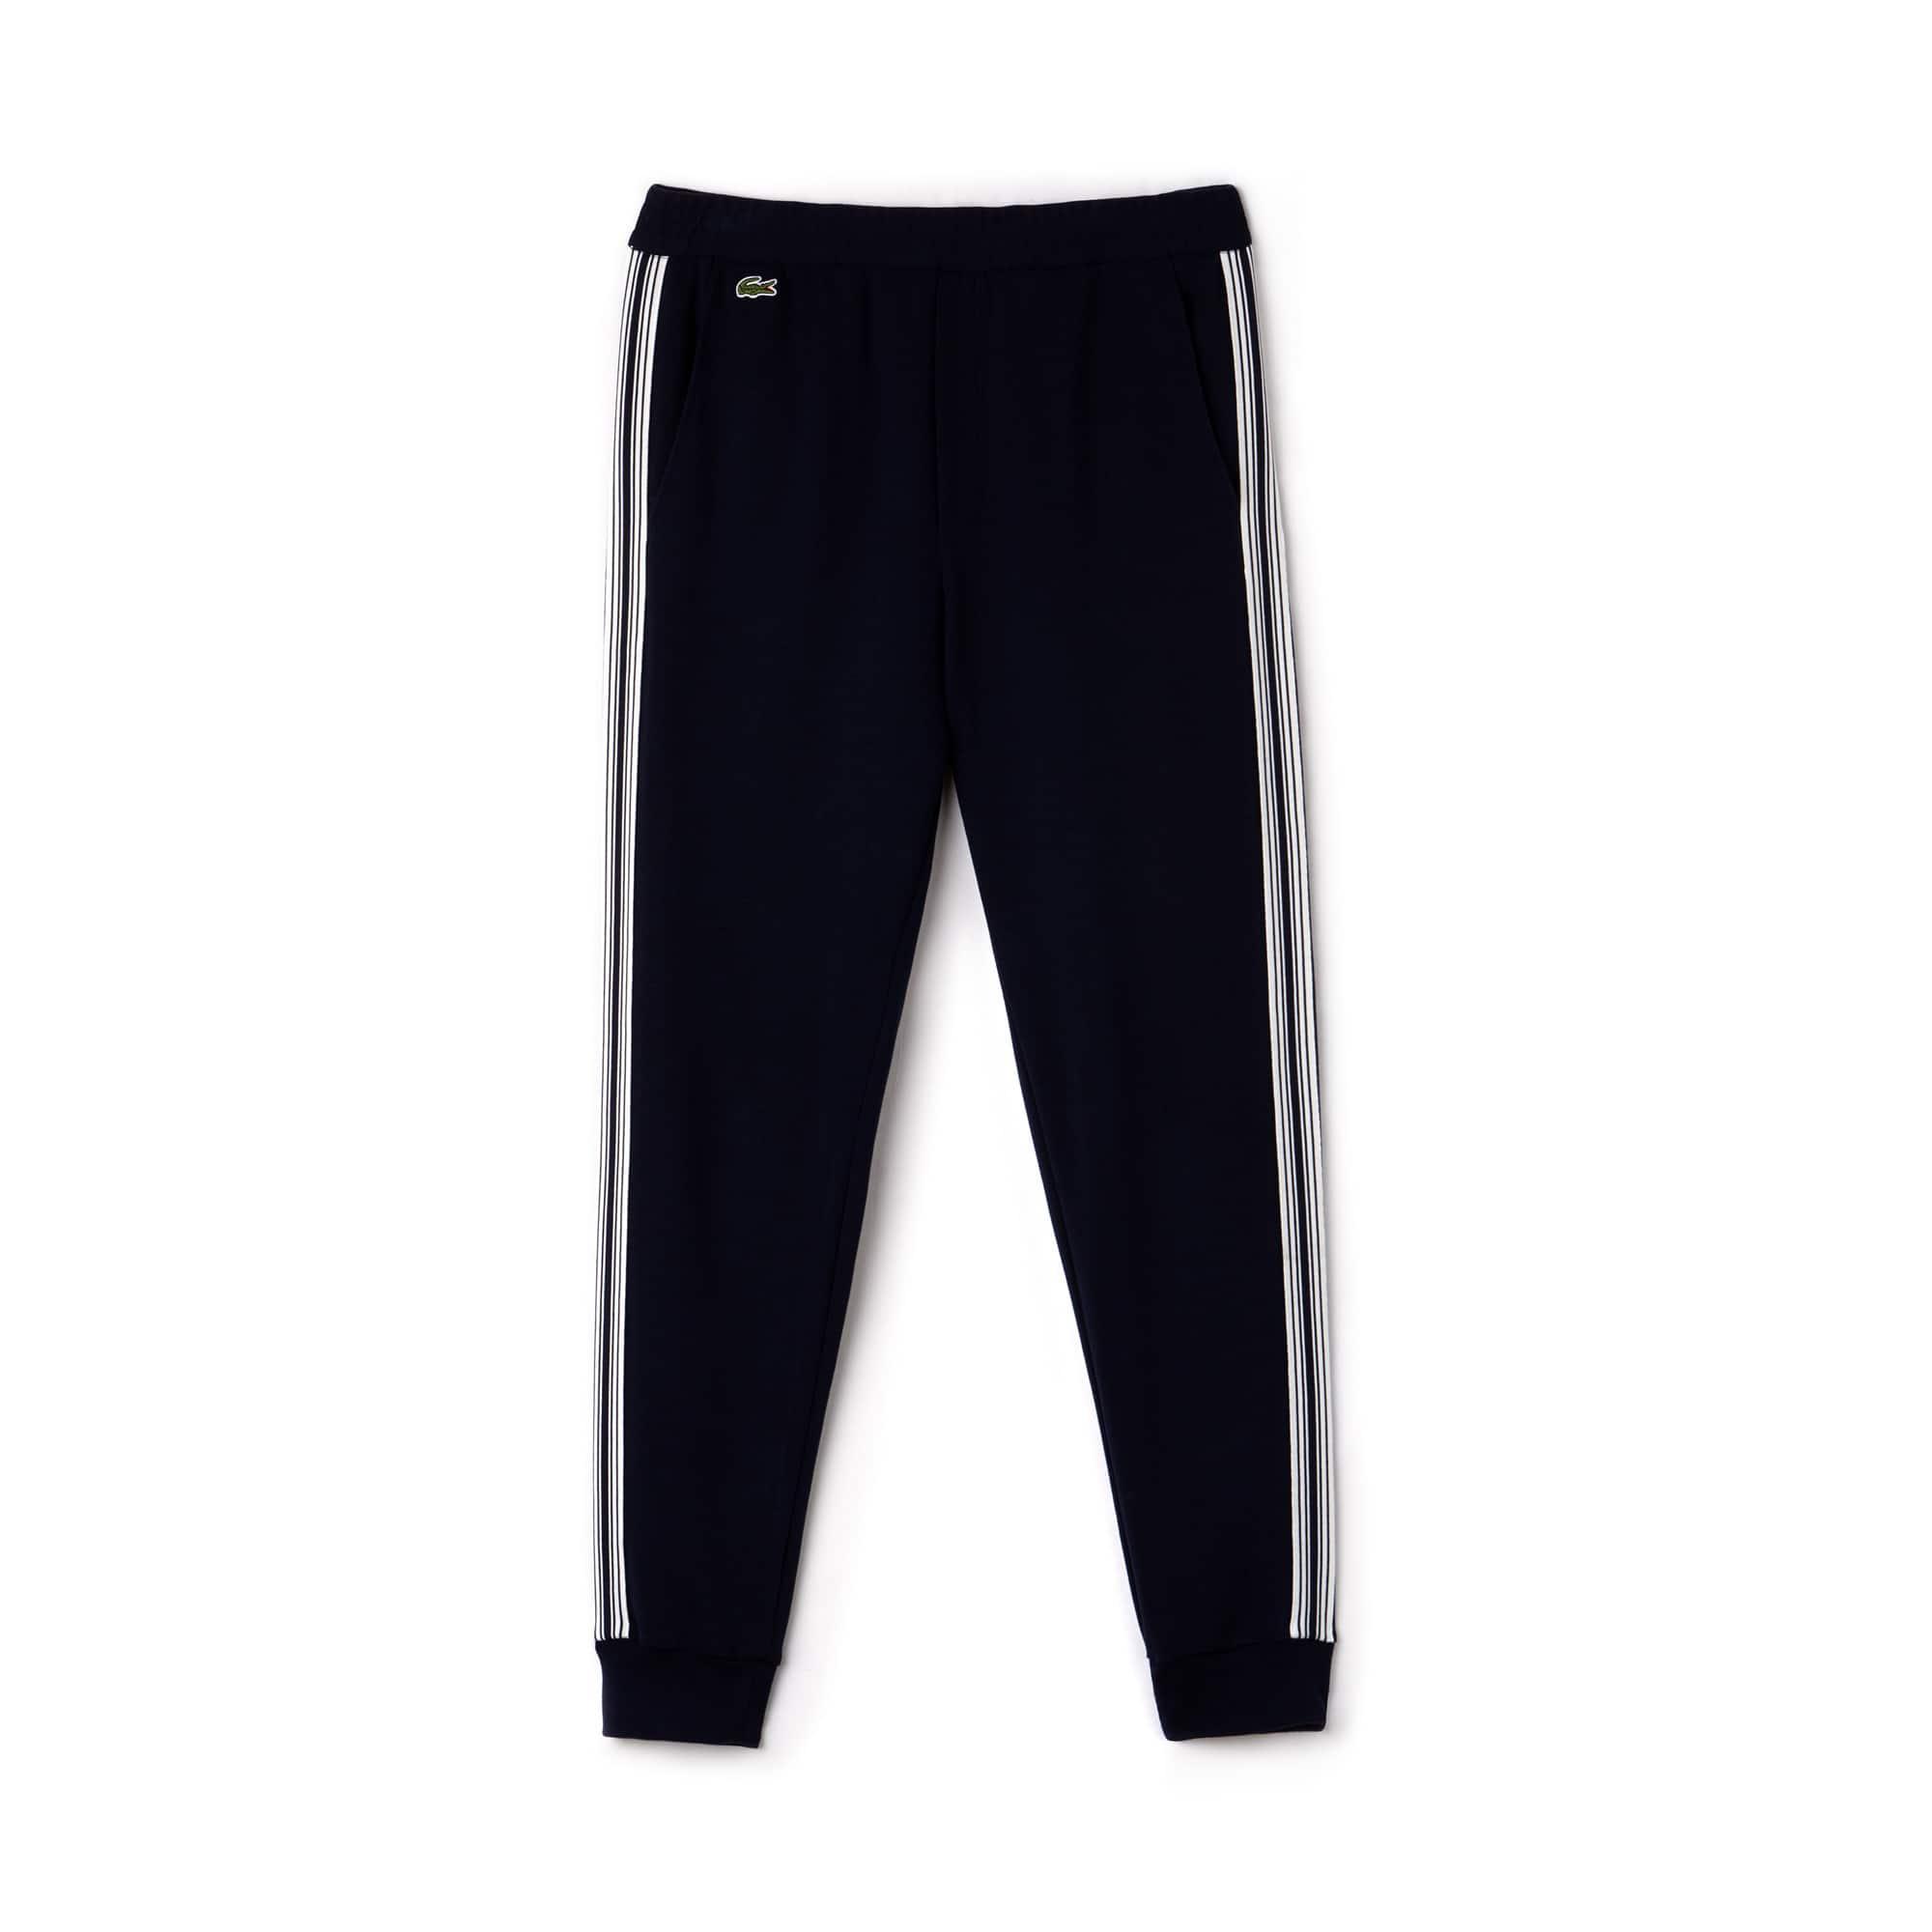 Herren-Jogginghose aus Milano-Baumwolle mit Kontraststreifen